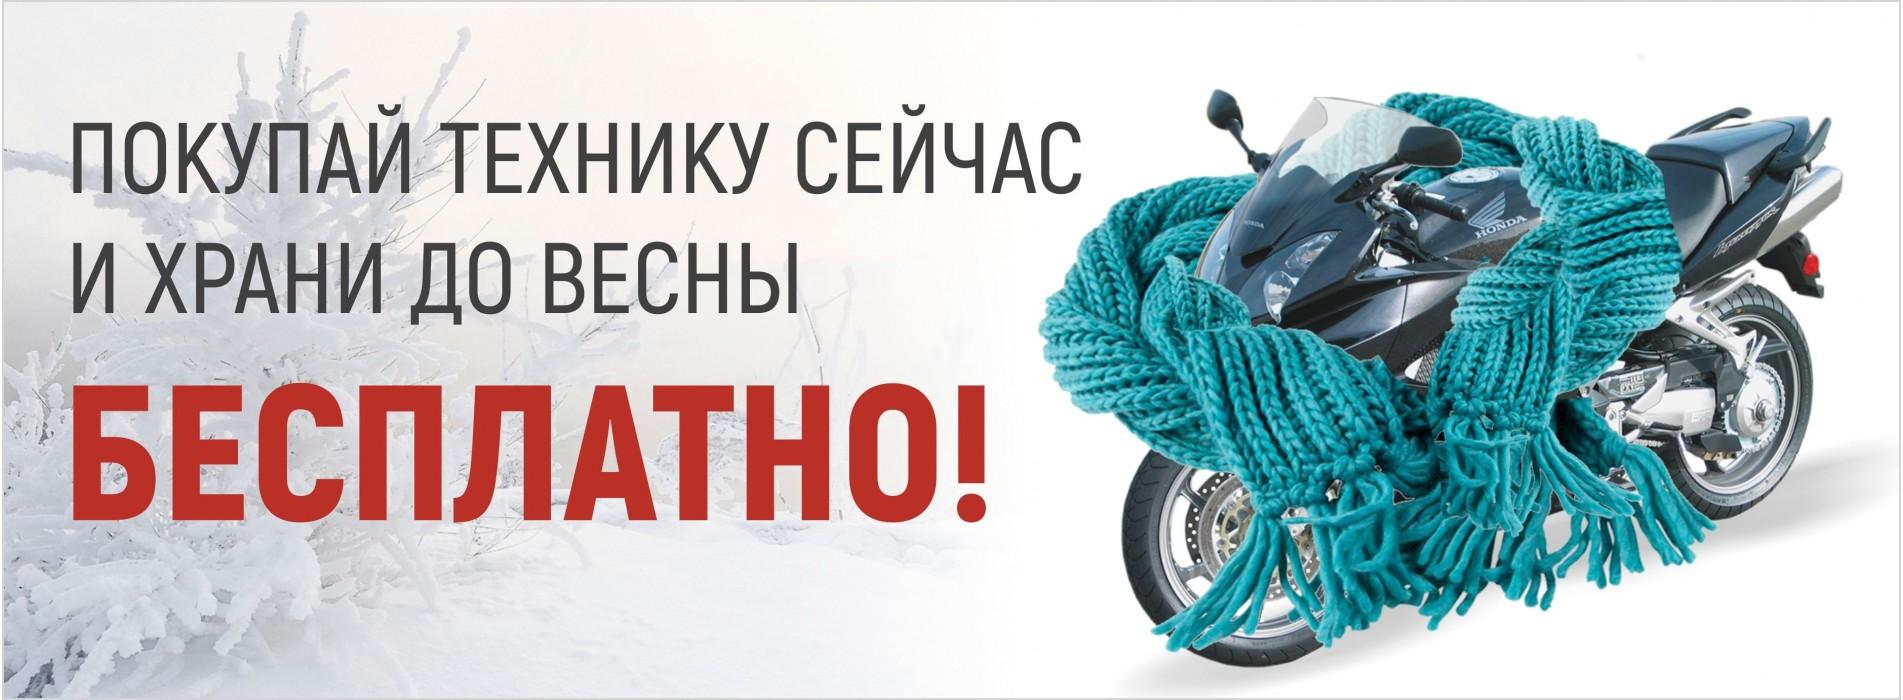 Зимнее хранение БЕСПЛАТНО!